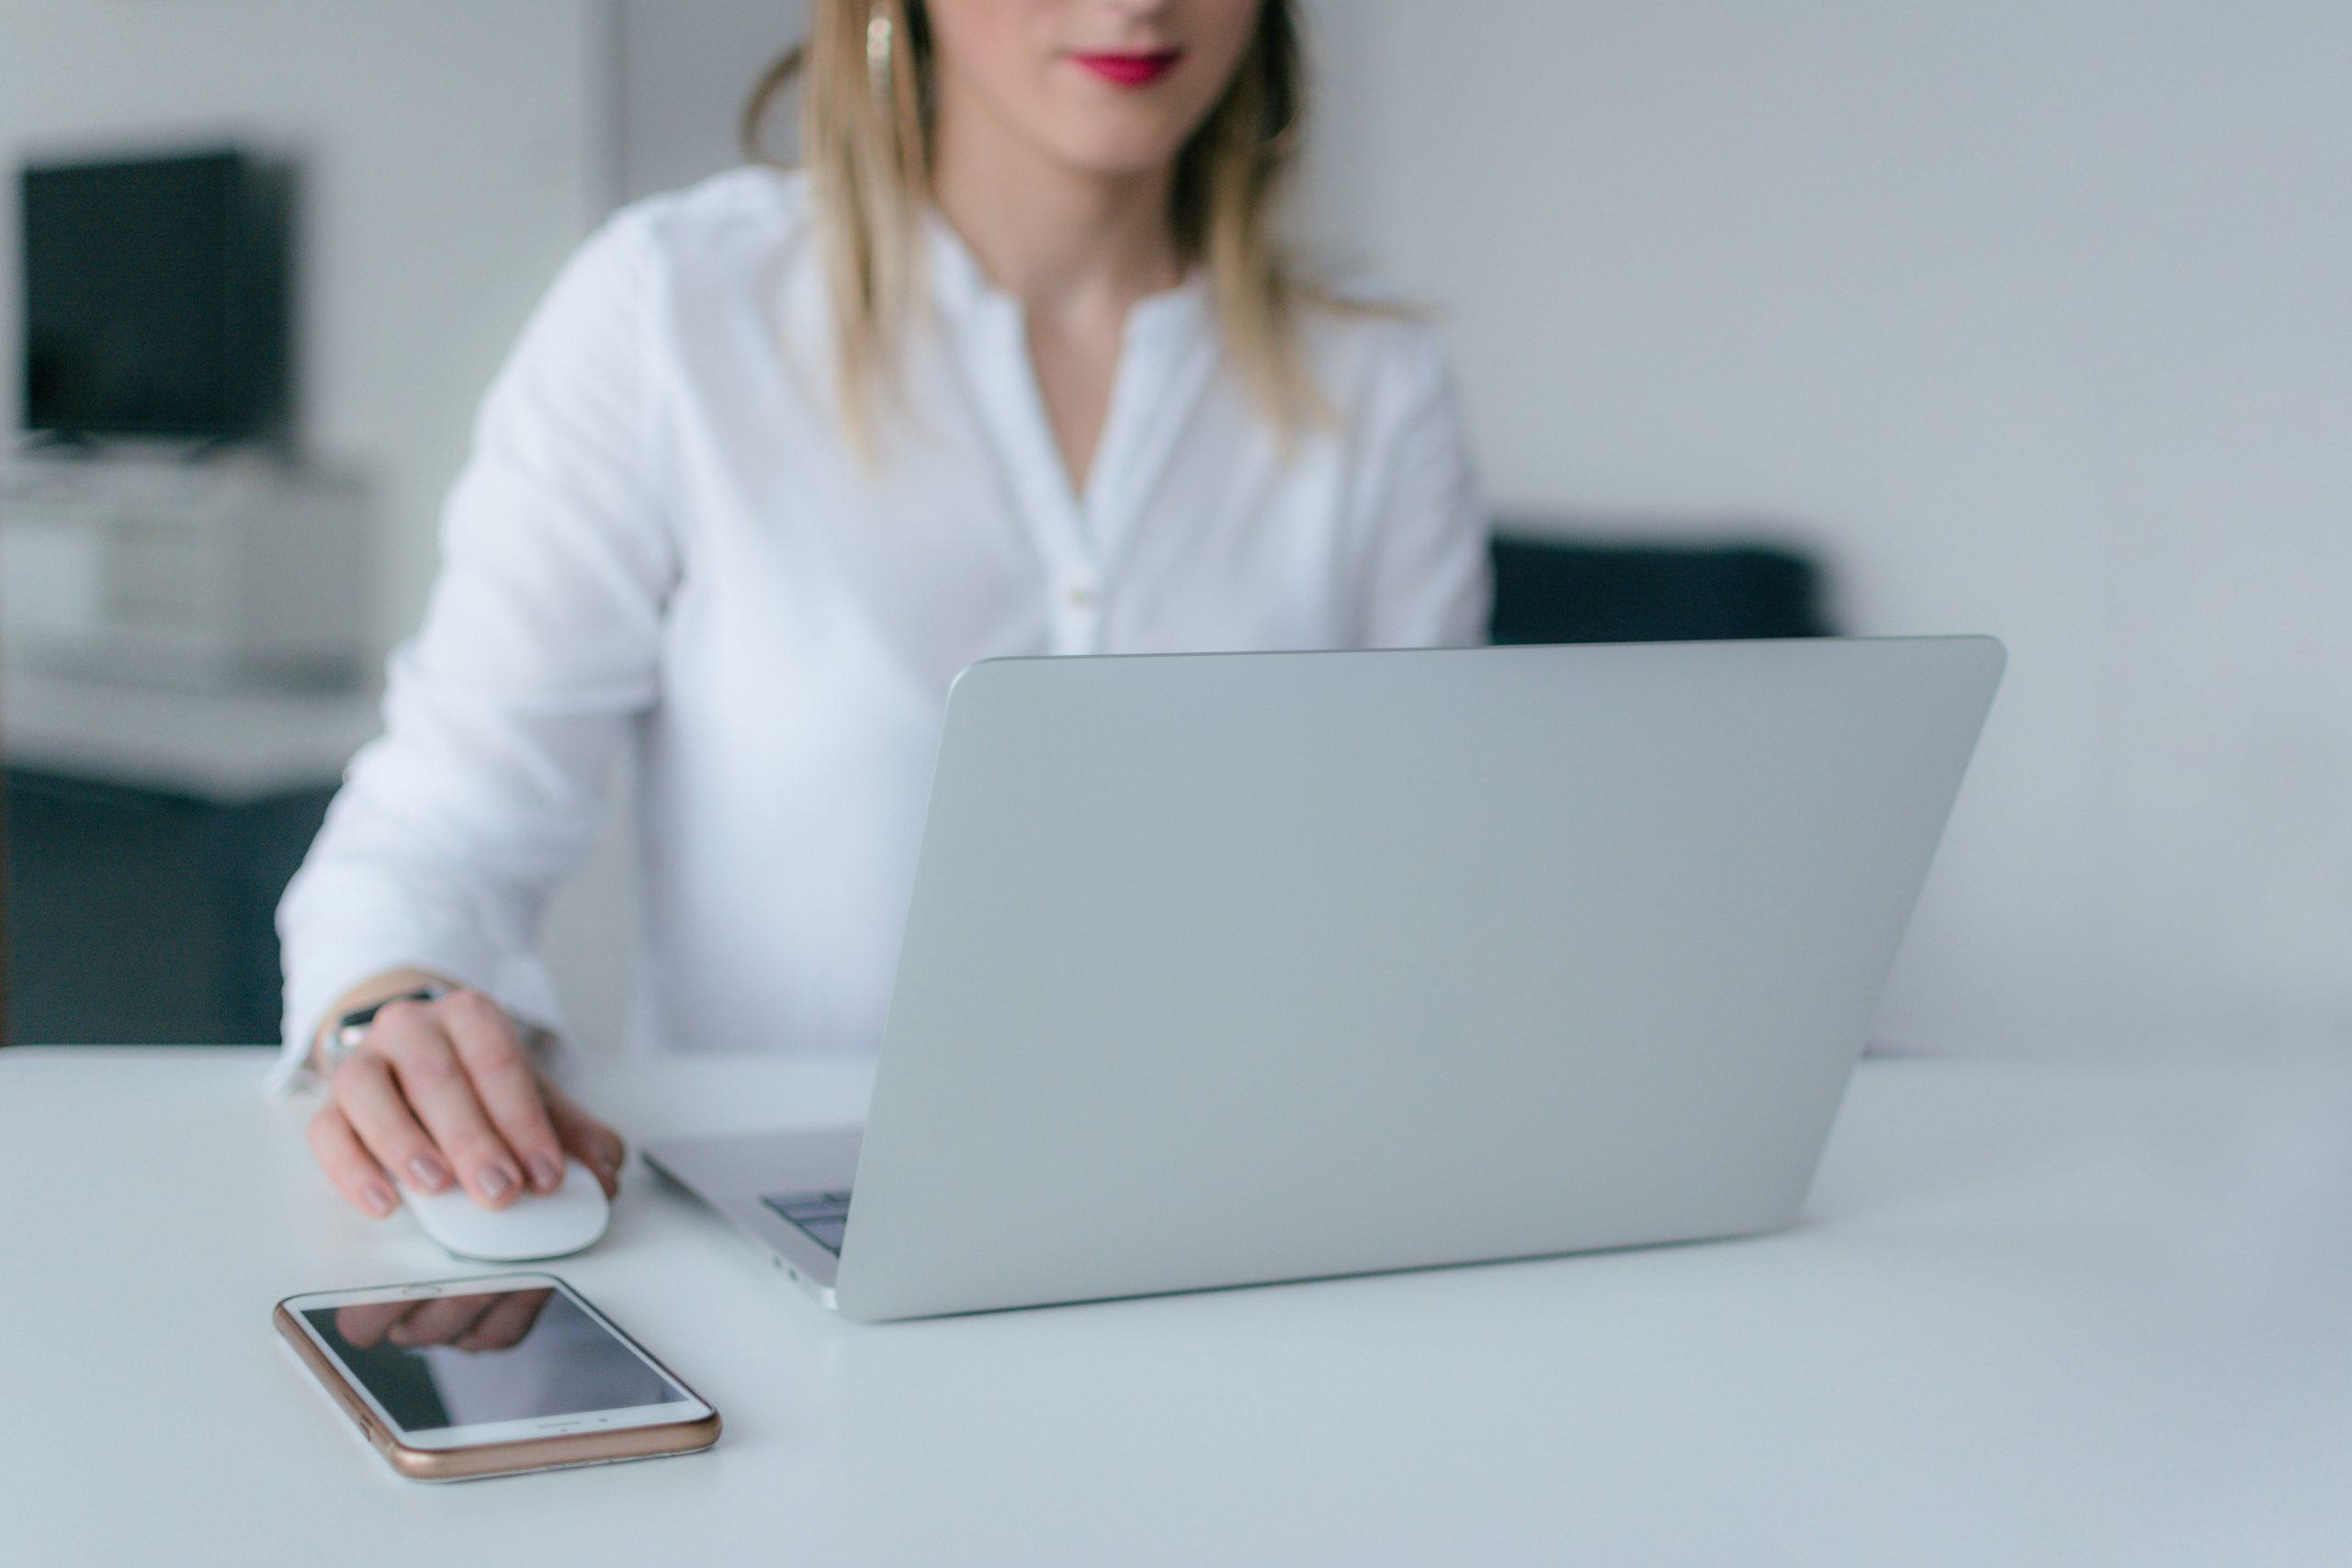 femme blonde chemise blanche utilise ordinateur portable avec souris bluetooth